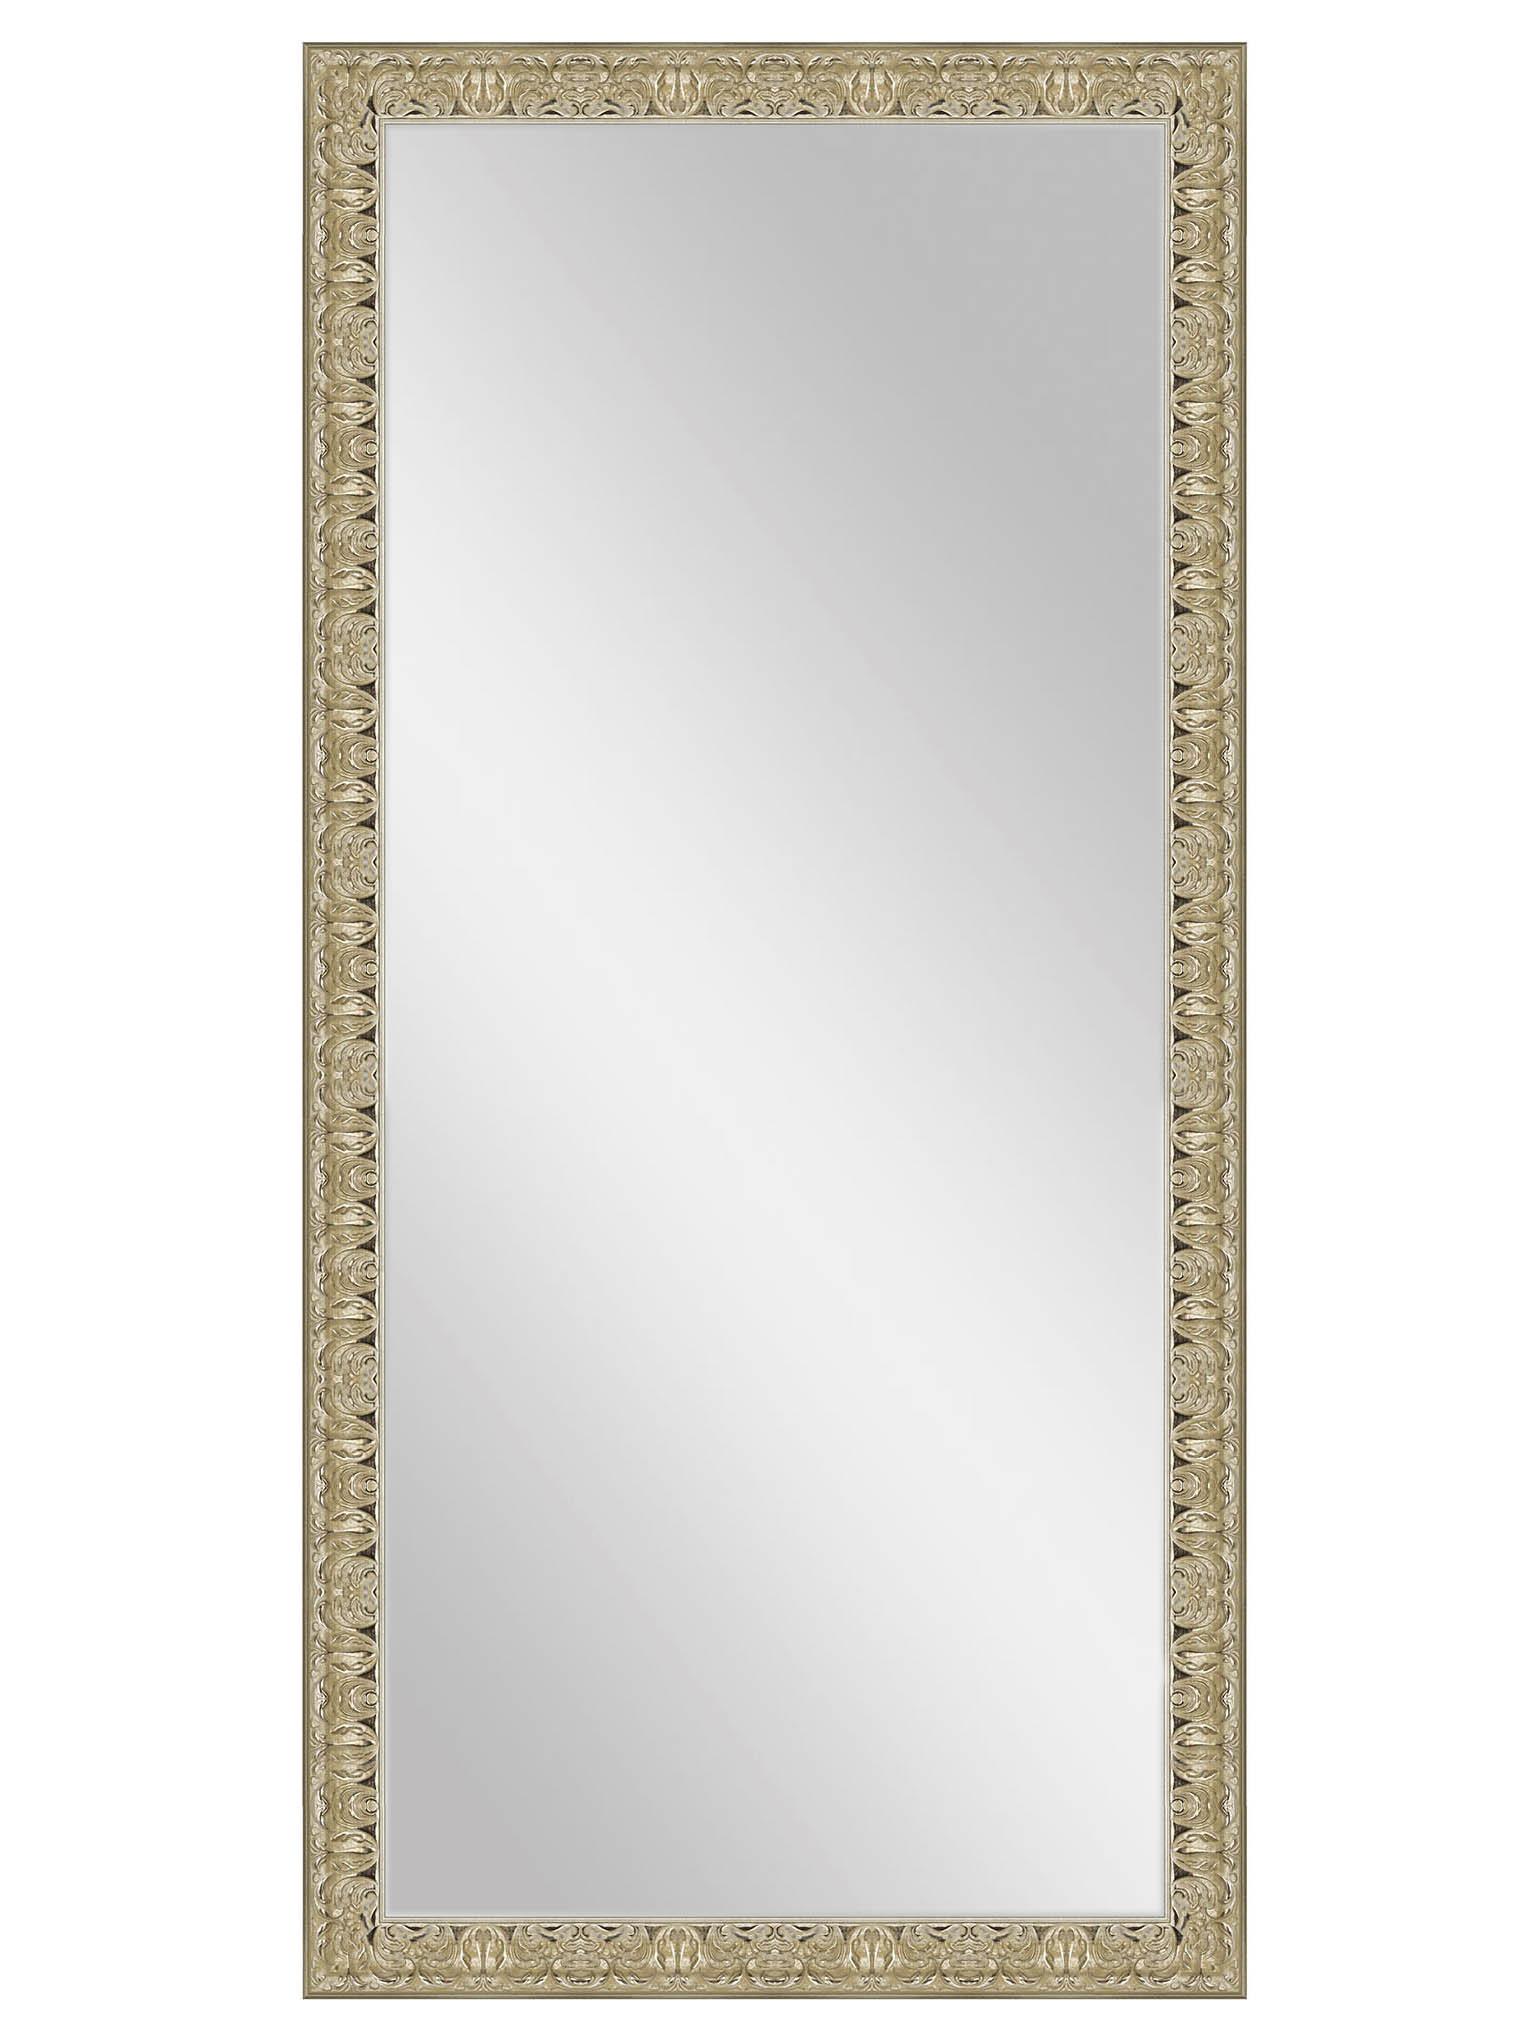 Купить Зеркало напольное Аурелия , inmyroom, Россия